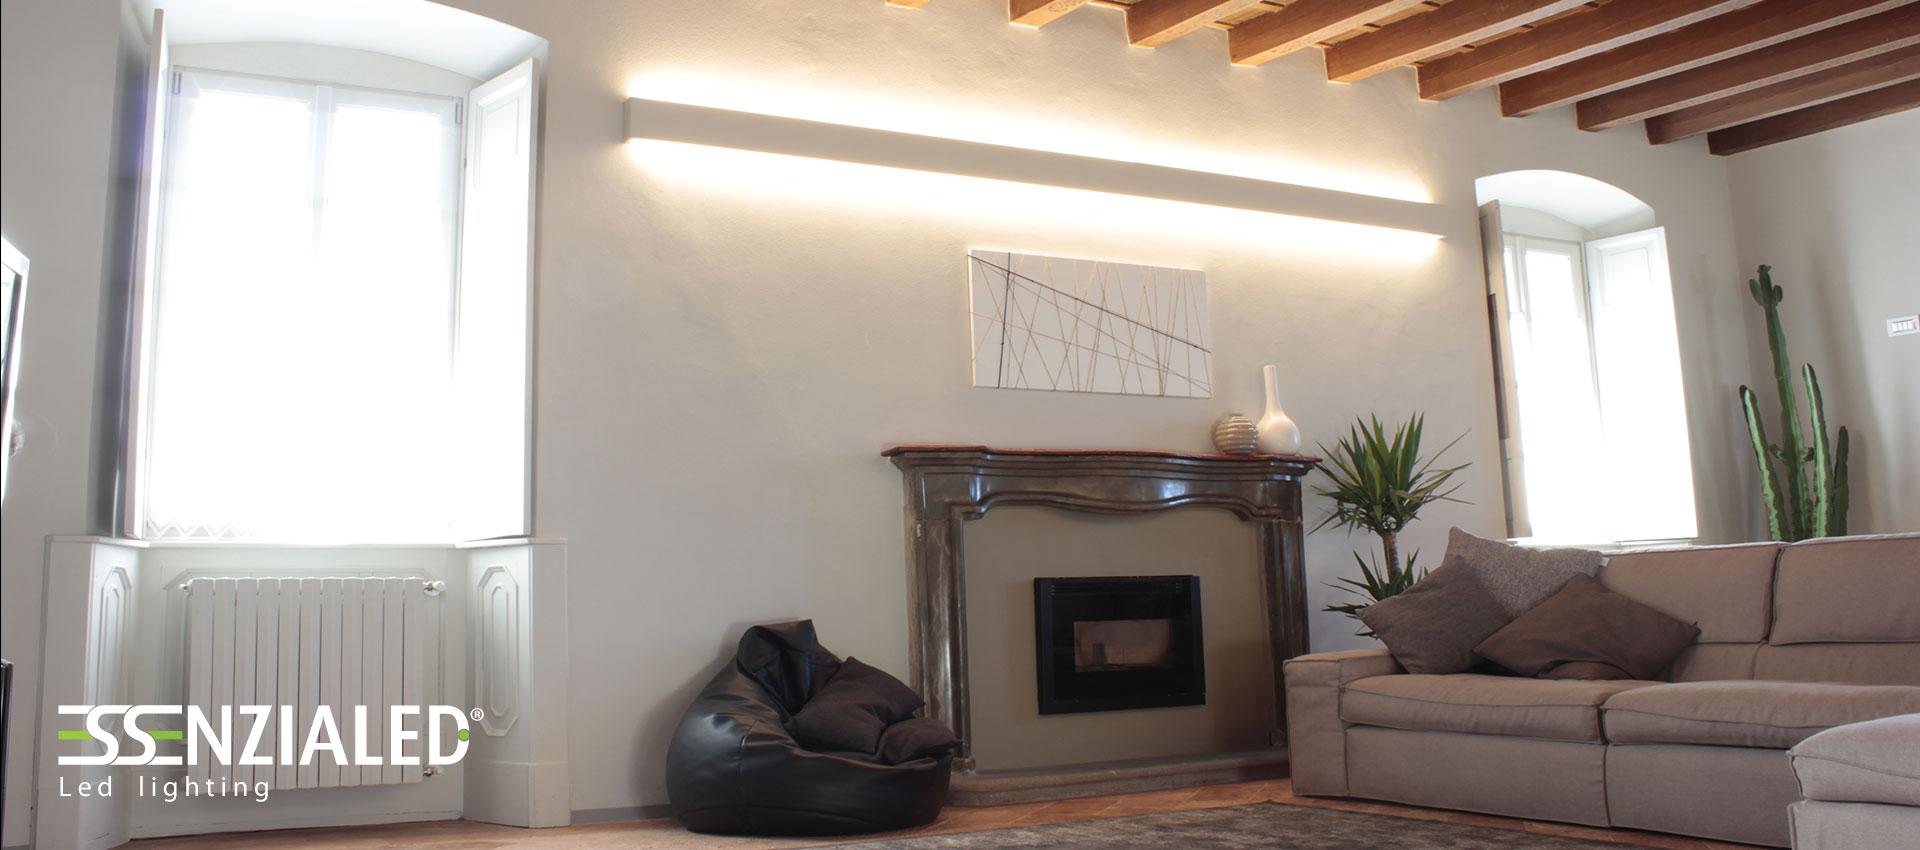 Righello Lampada a parete Led prodotta su misura MadeinItalyEssenzialed – Illuminazione a led